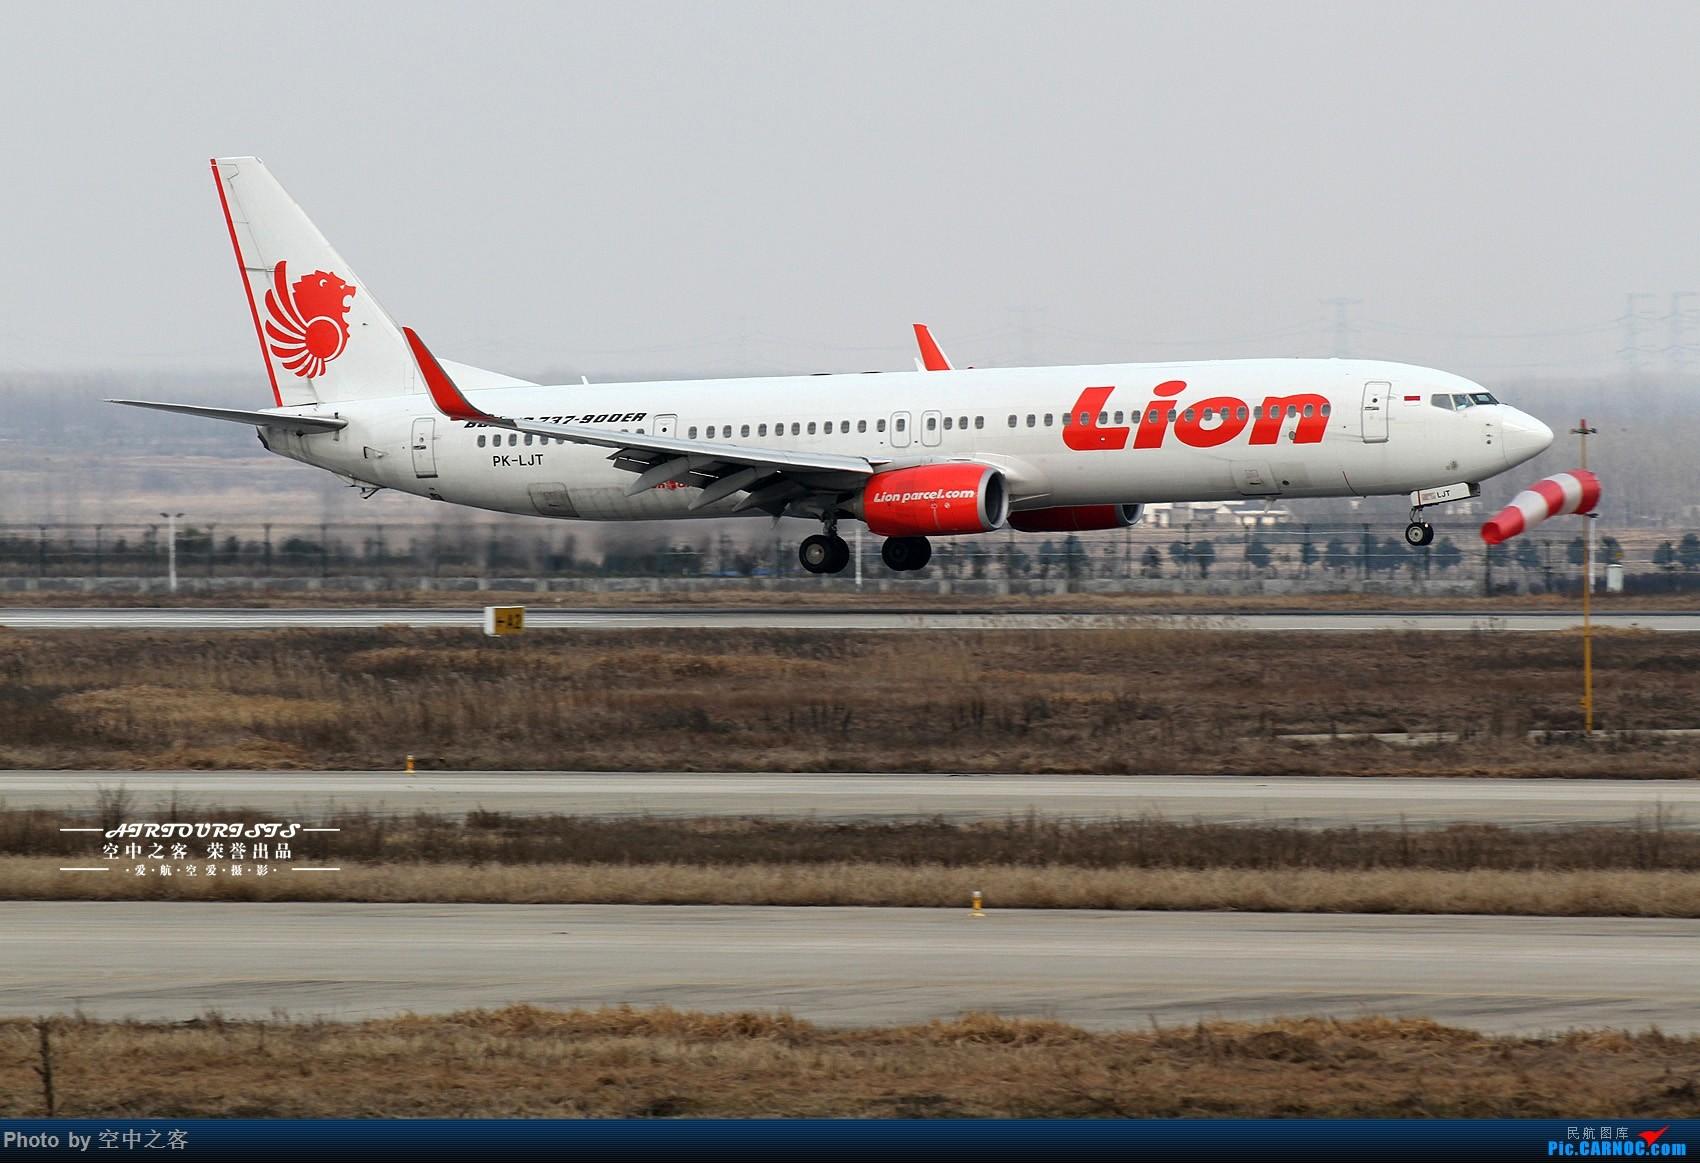 [原创][合肥飞友会·霸都打机队·空中之客出品]有一只狮子有一只蒙牛...魔头大佬亲临新机场 BOEING 737-900ER PK-LJT 合肥新桥国际机场